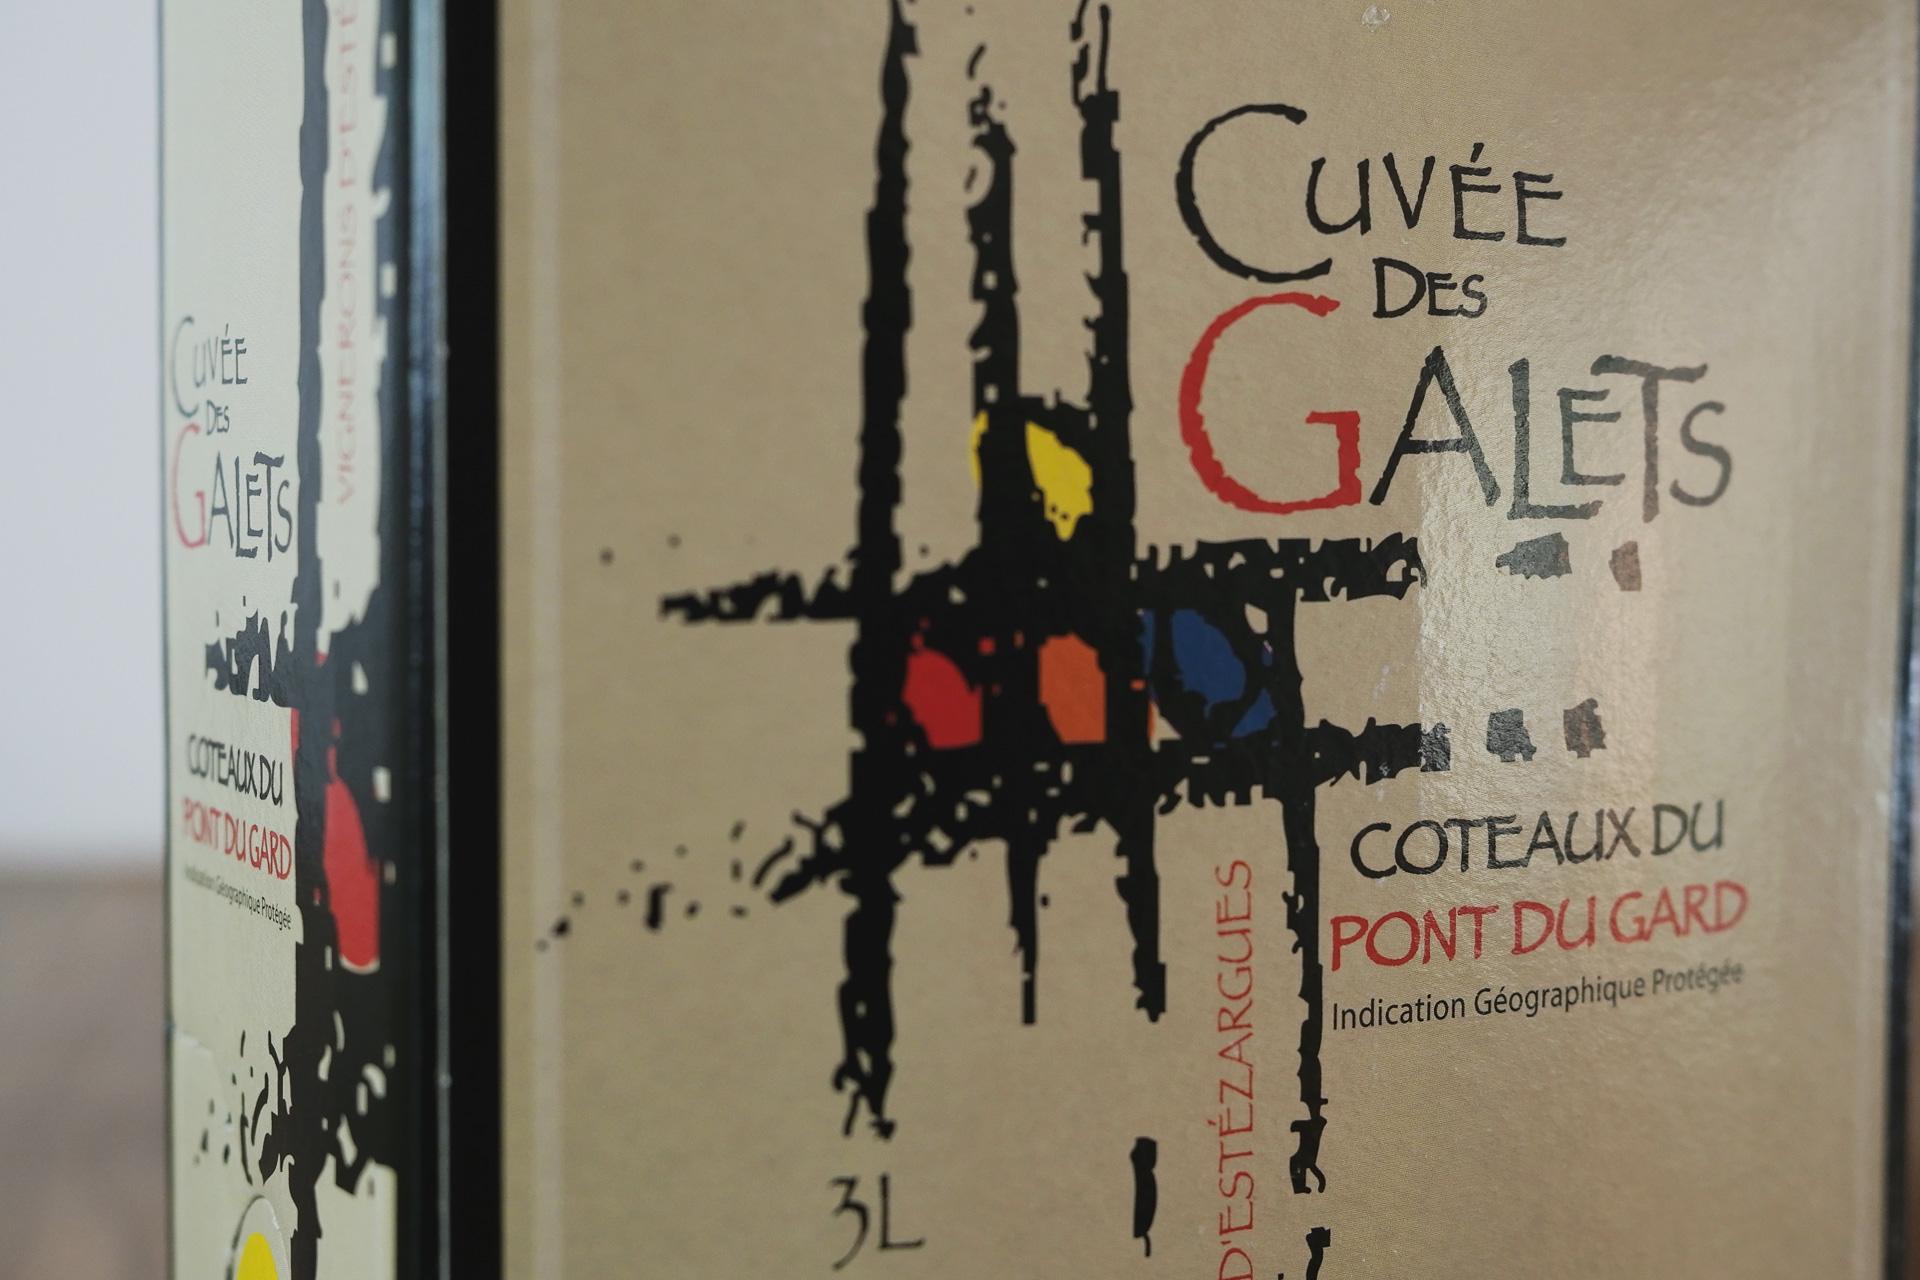 自然派ワイン・ビオワイン キュヴェ デ ガレ エステザルグ du Gard - Cuvée des Galets d'Estezargues ラベル